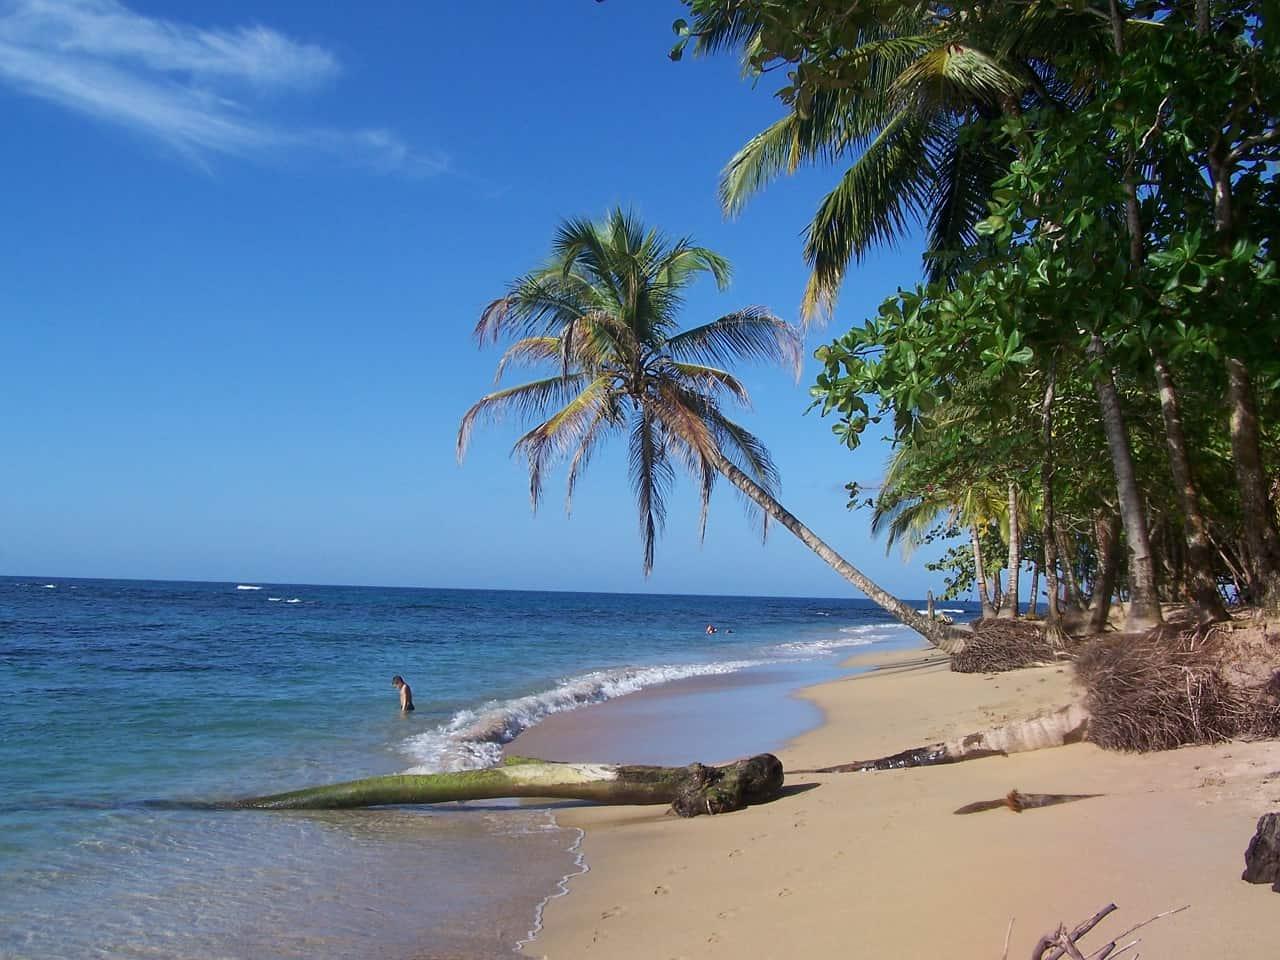 costa rica reizen tropisch strand